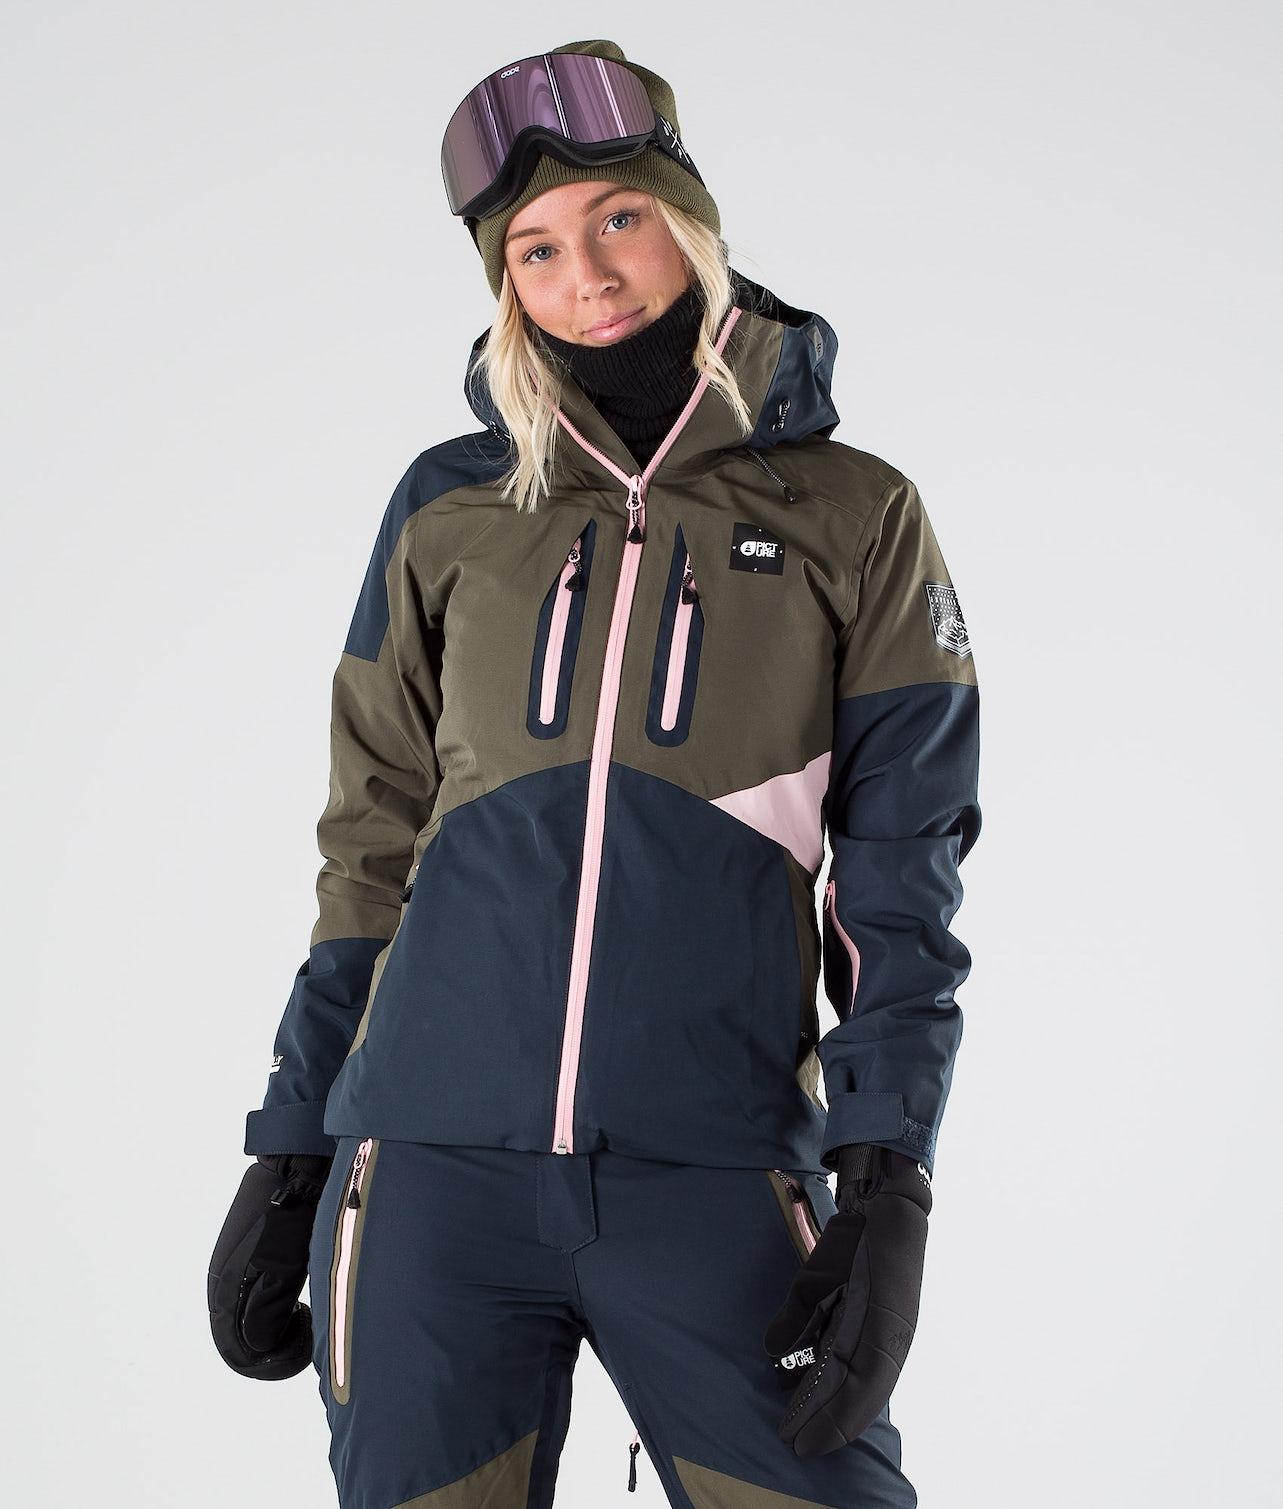 Kjøp Seen Snowboardjakke fra Picture på Ridestore.no - Hos oss har du alltid fri frakt, fri retur og 30 dagers åpent kjøp!